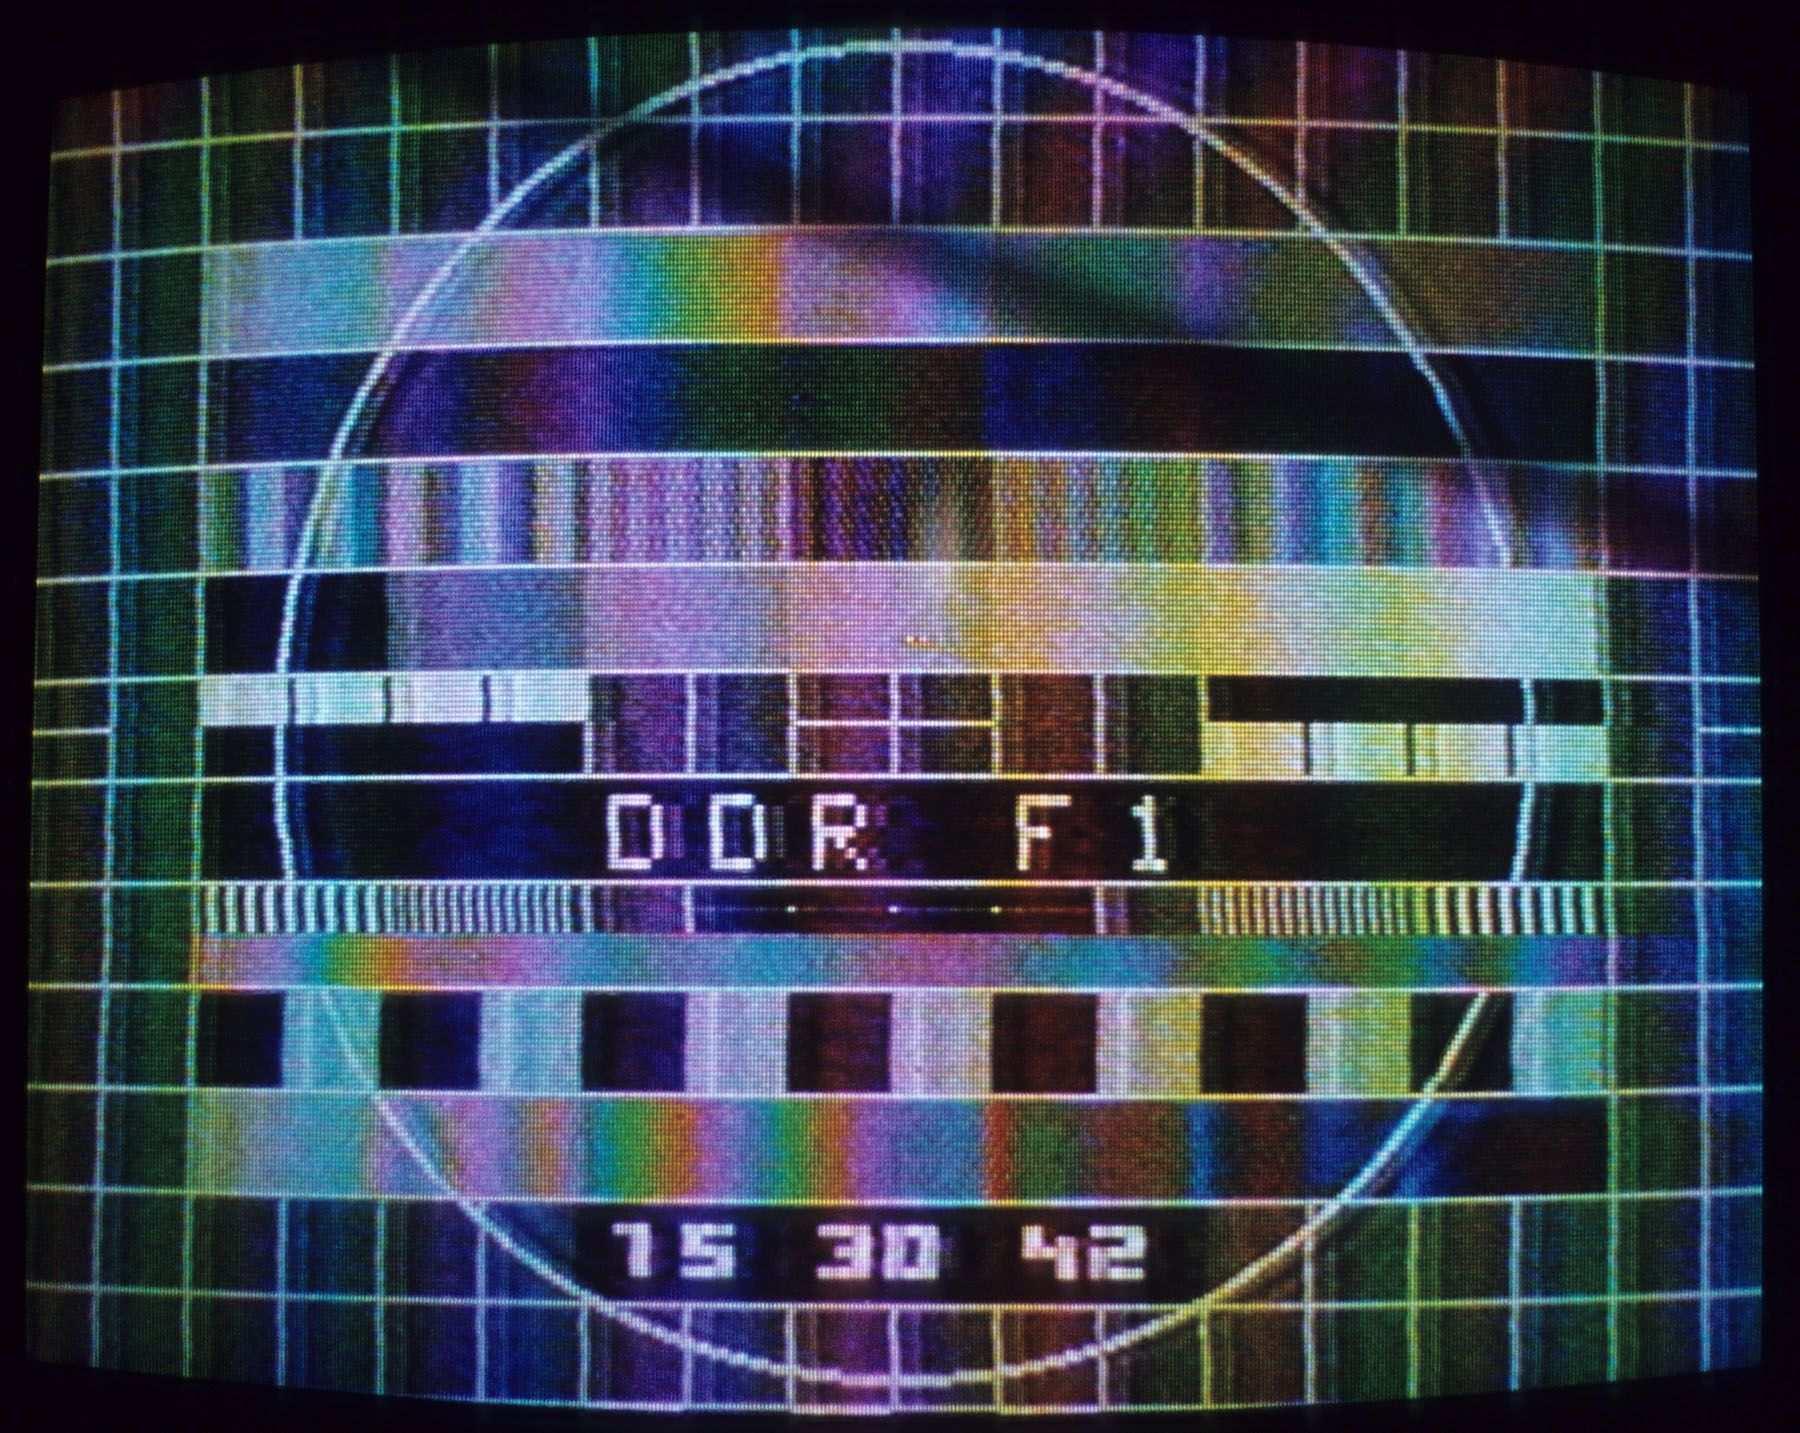 Fernsehen Der Ddr 1 Von 2 Ddrmuseum Ddr Ddr Bilder Leben In Der Ddr